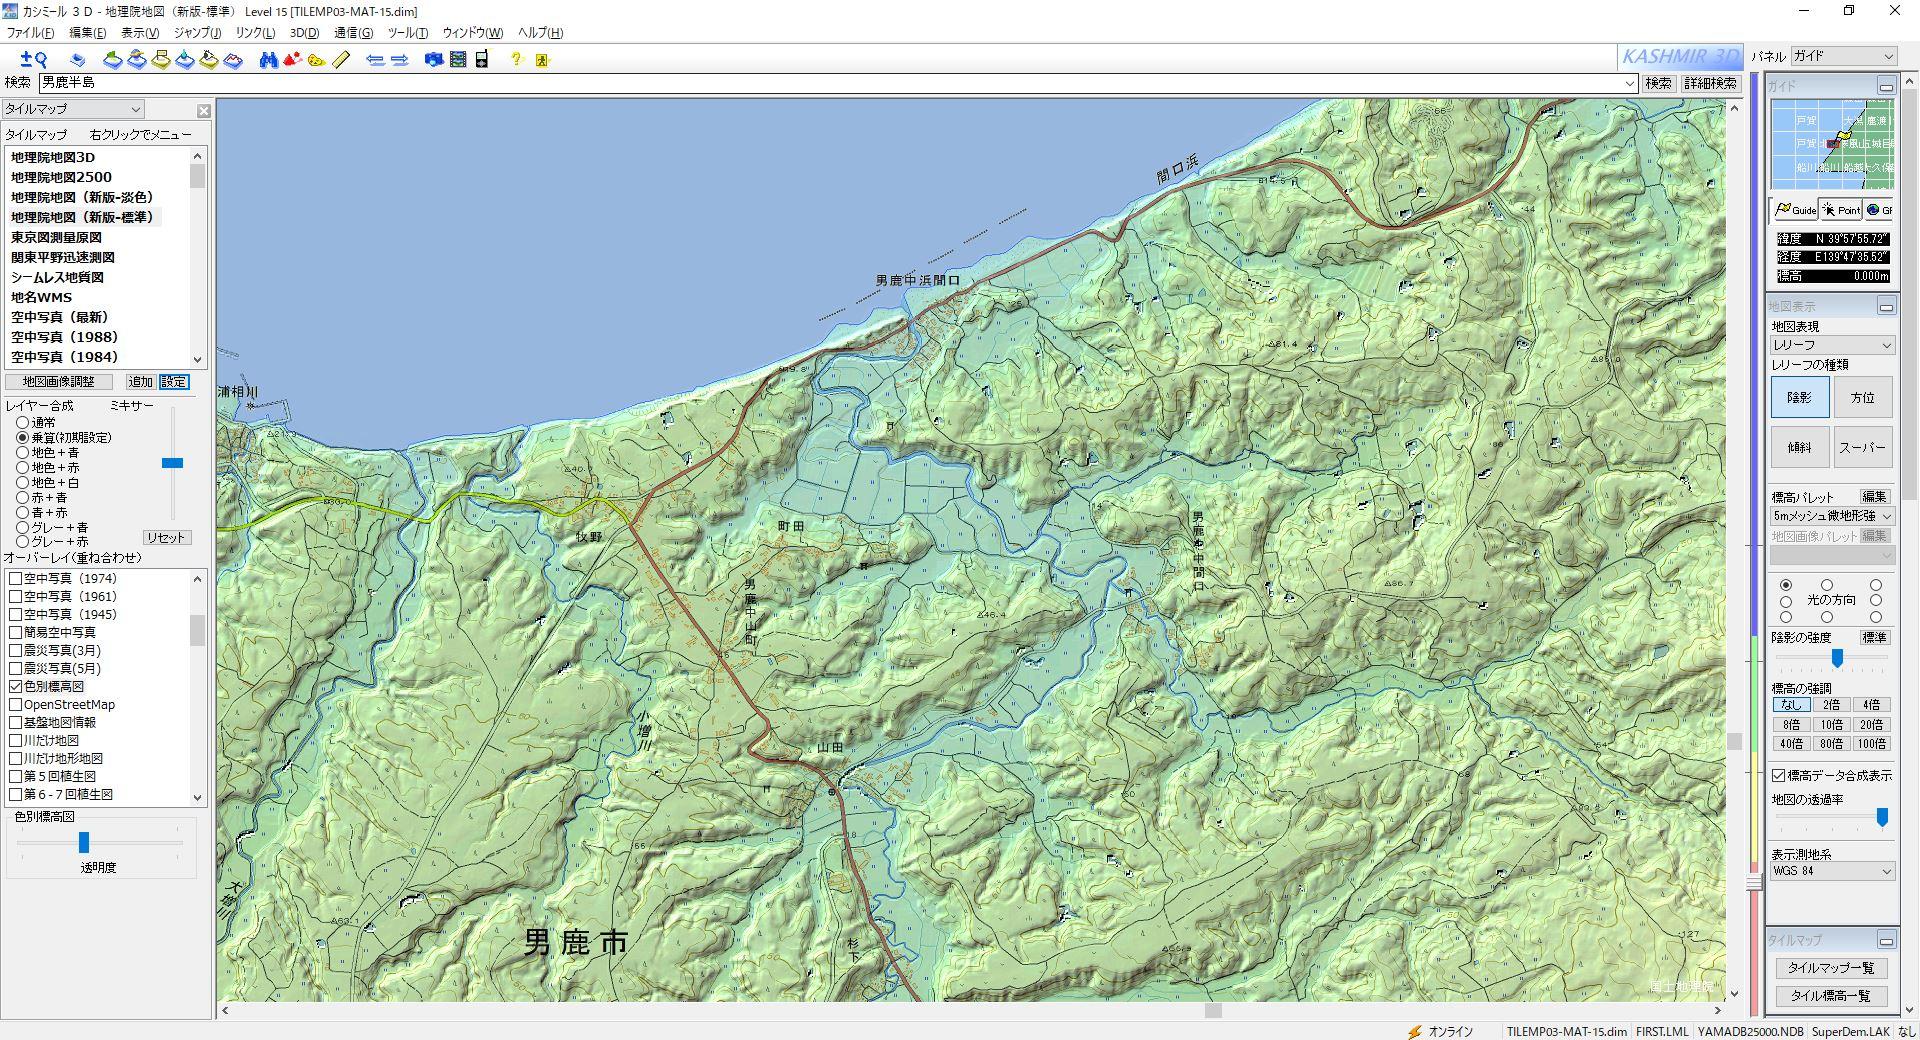 カシミール 地図 ダウンロード 無料